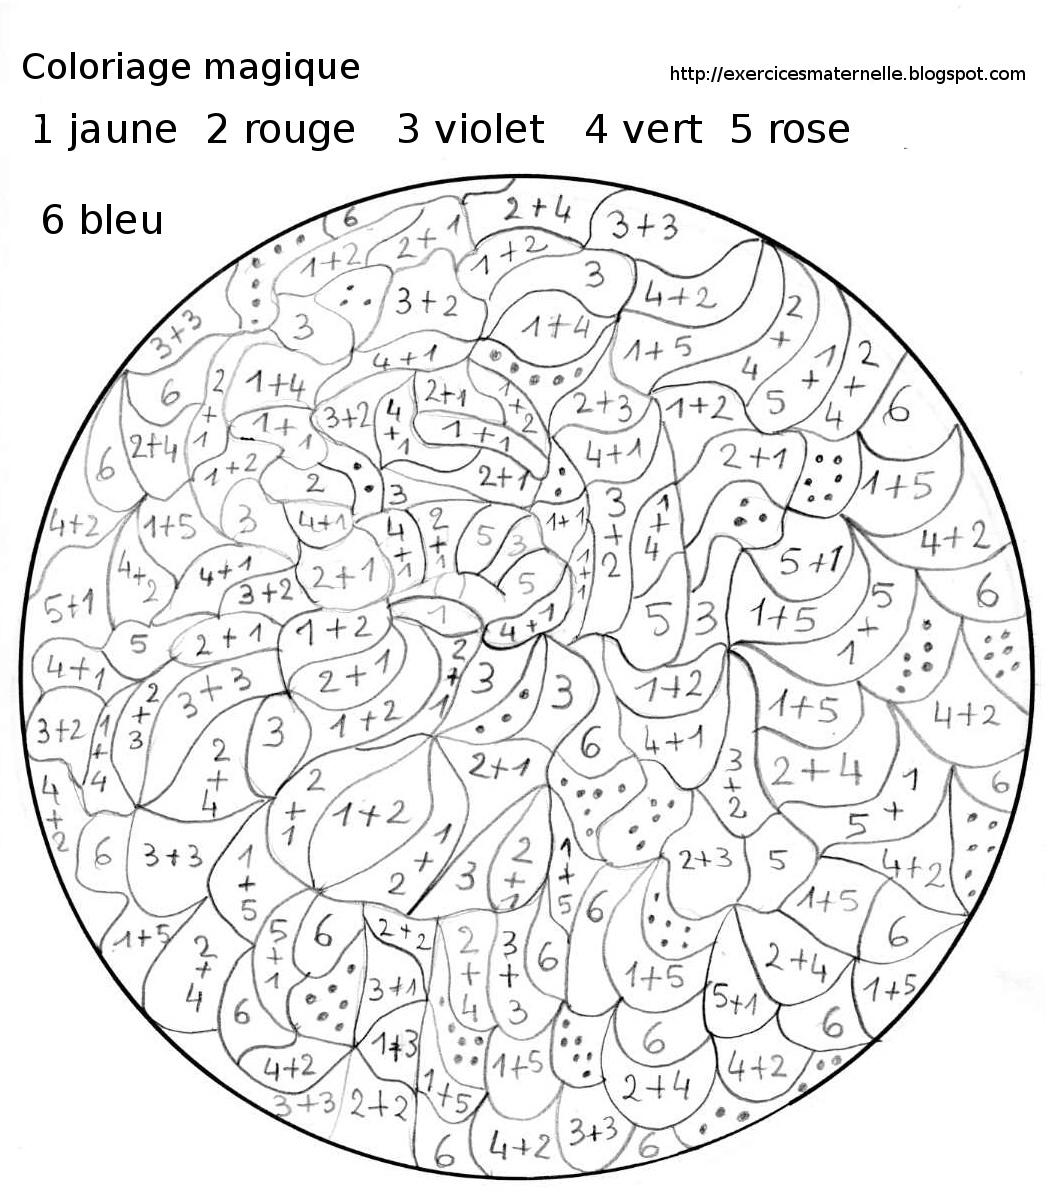 Dessin colorier magique ce1 de noel - Coloriage magique cycle 2 ...